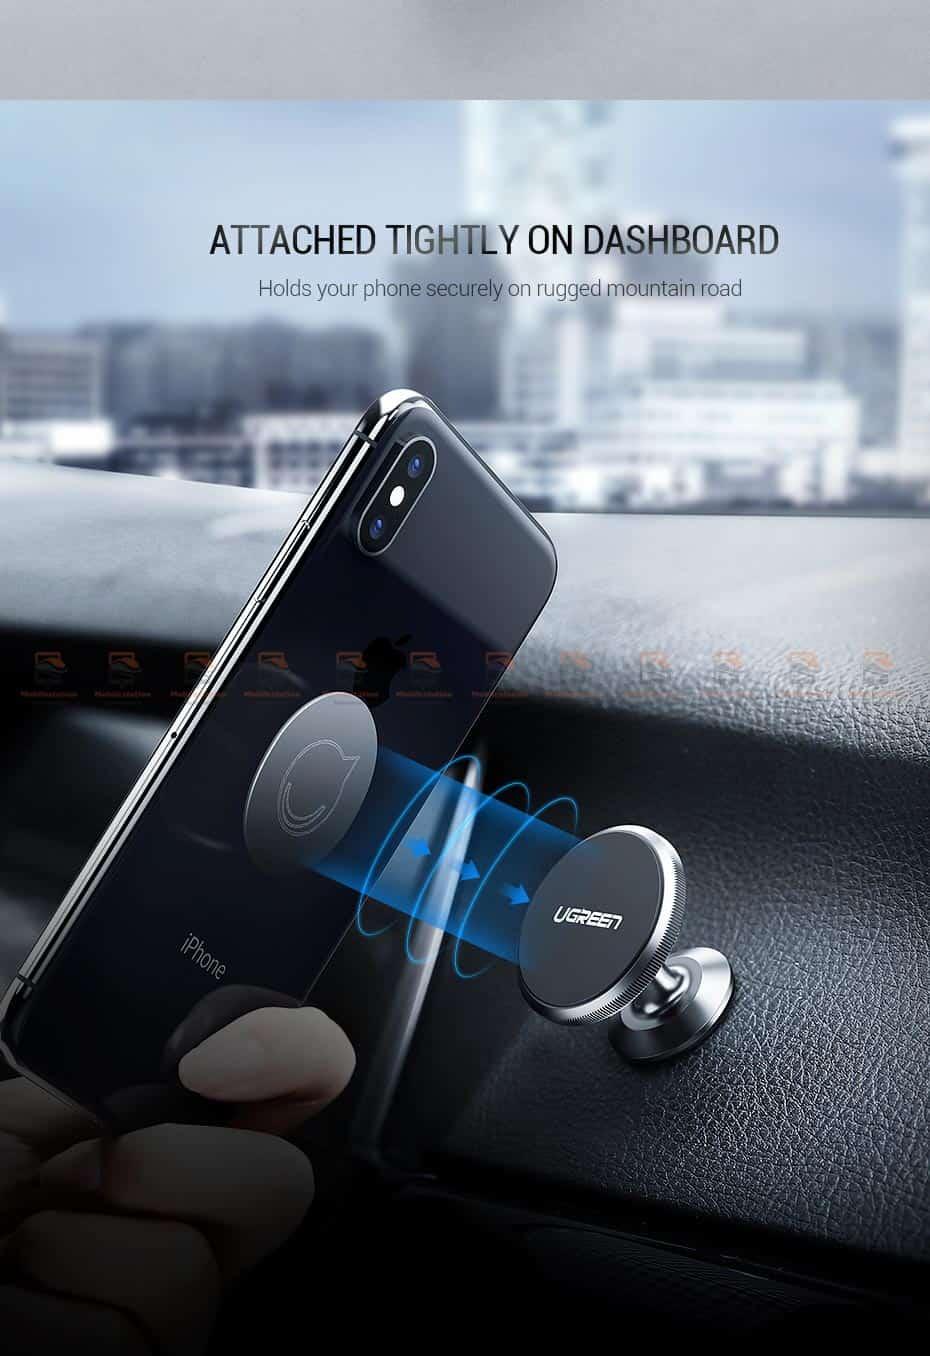 ที่ยึดโทรศัพท์ในรถ Ugreen Magnetic car Phone Holder-10-ยึดแน่นปลอดภัย